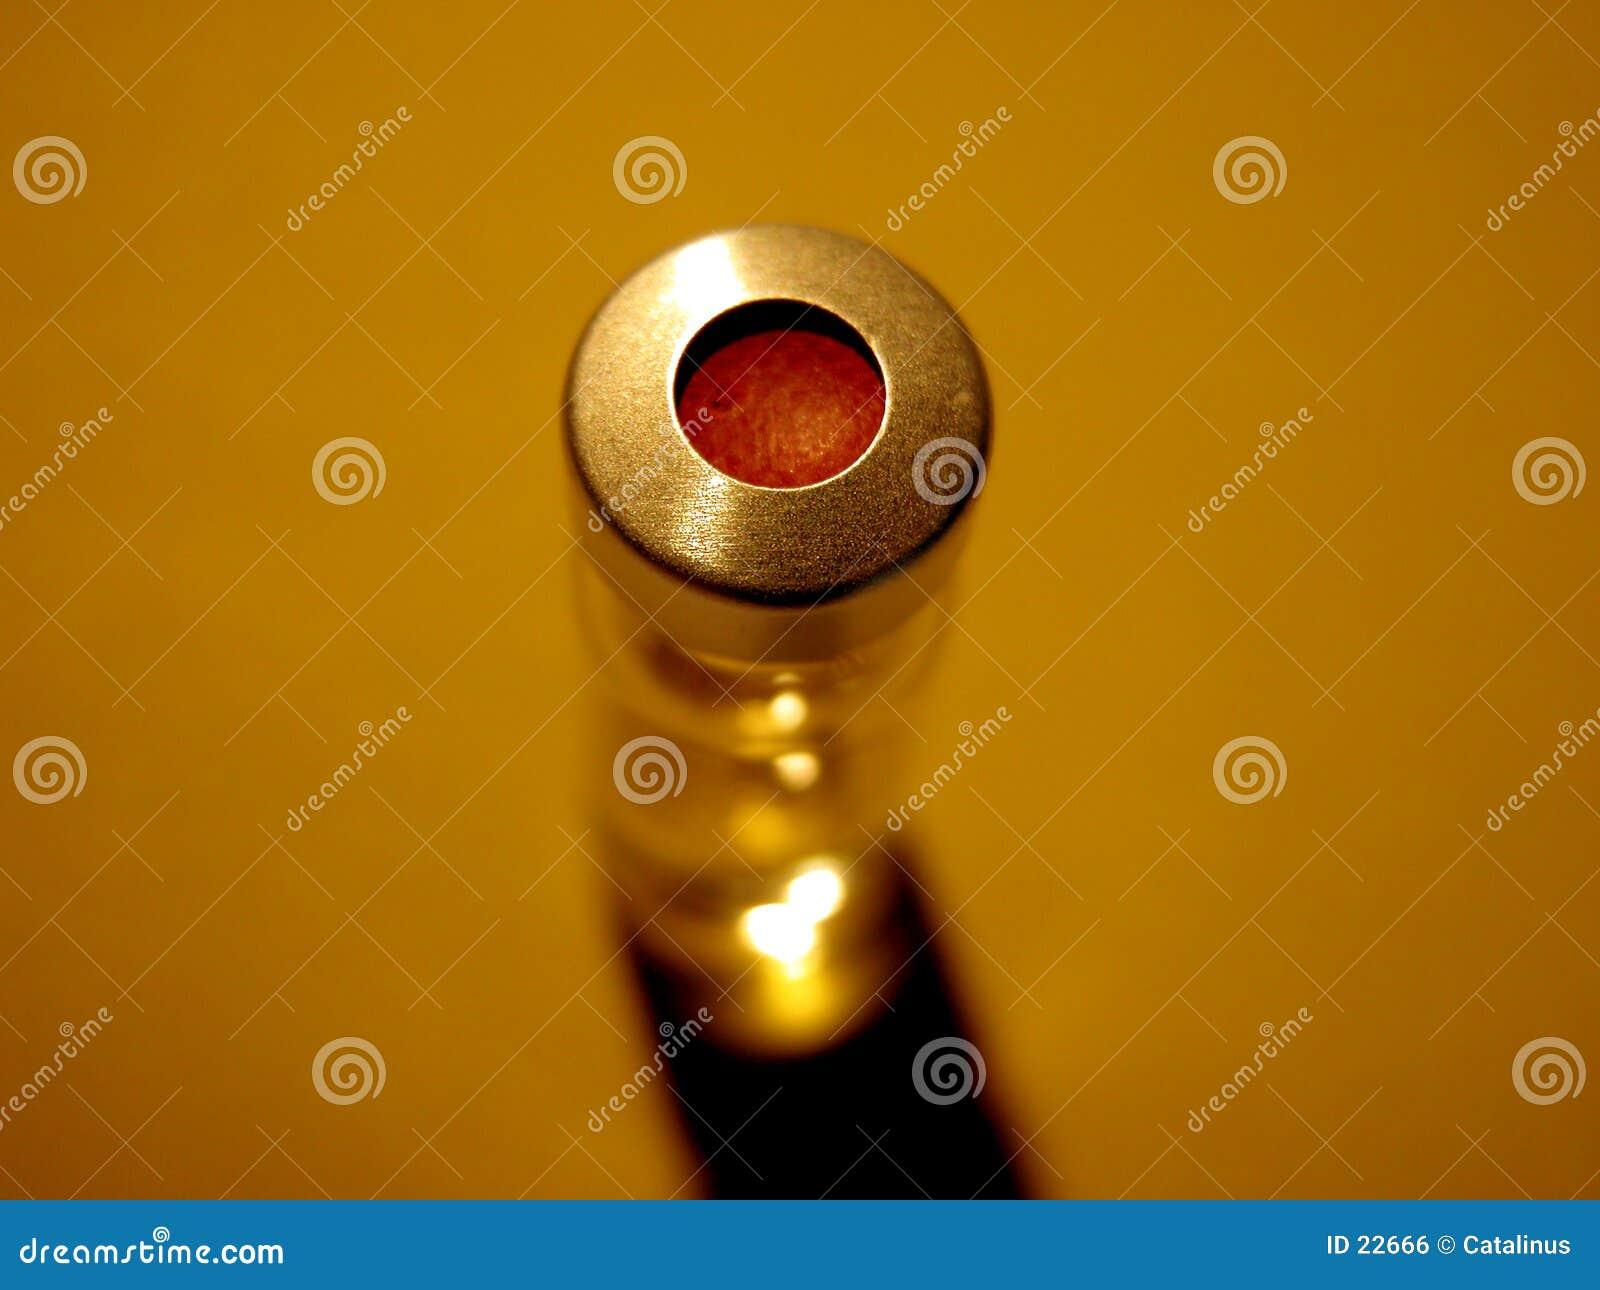 Ciência - tubo de ensaio com tampão vermelho